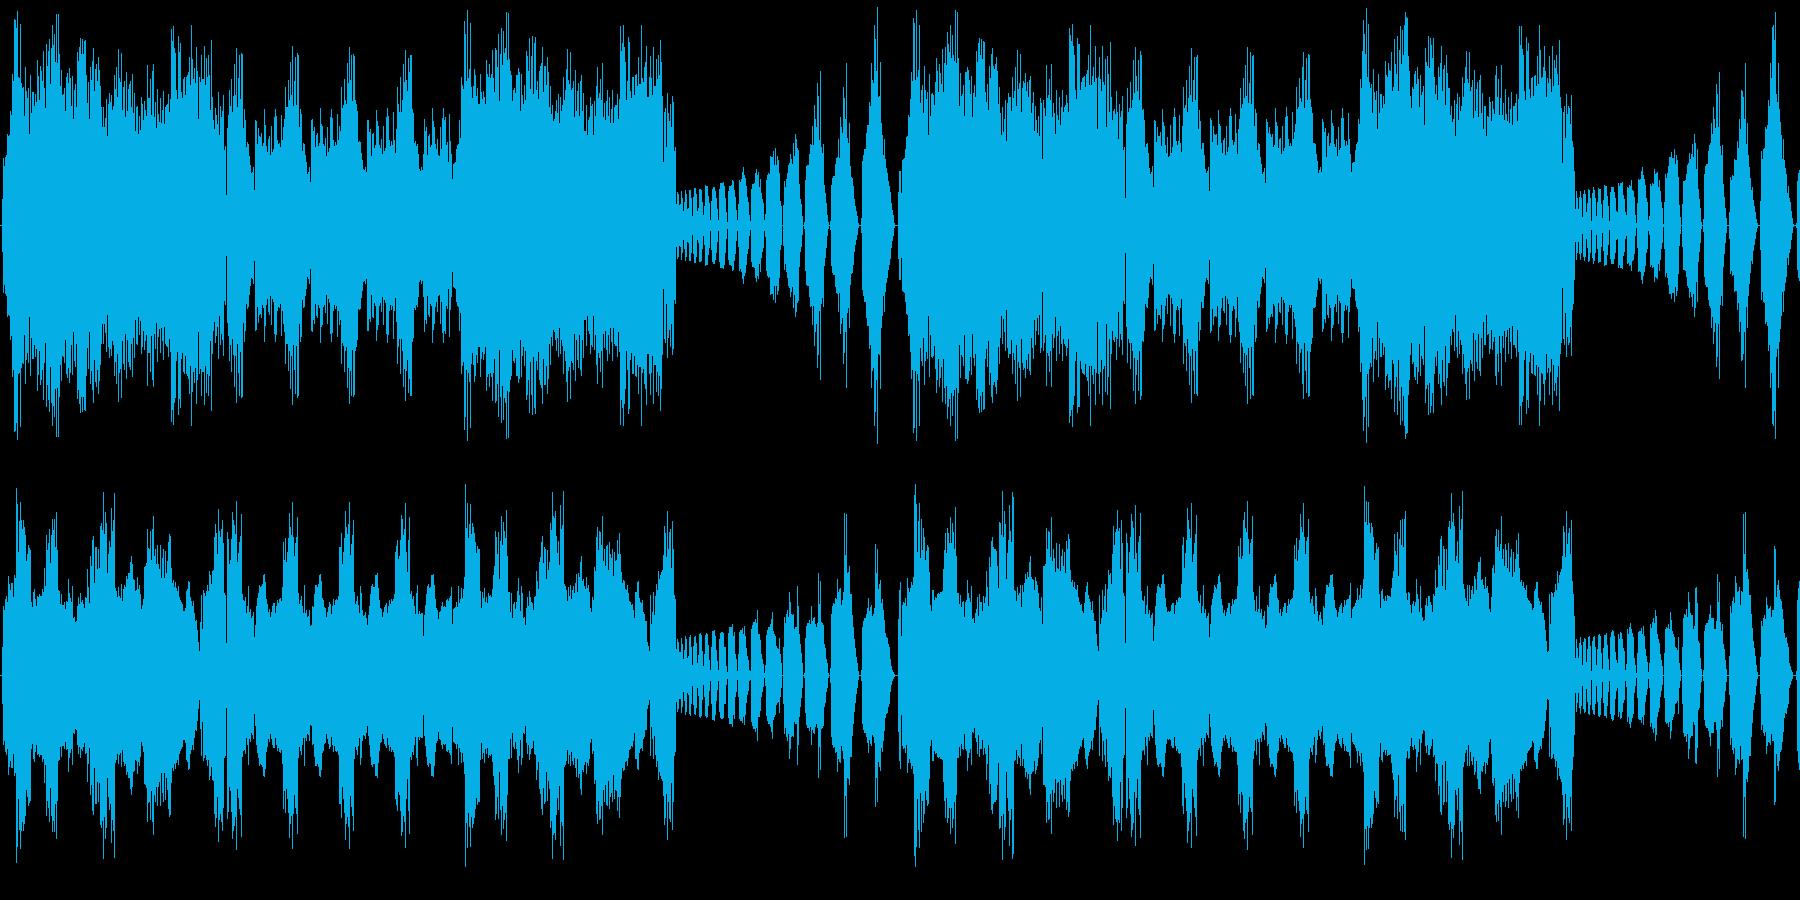 【明るいシンセポップ】の再生済みの波形